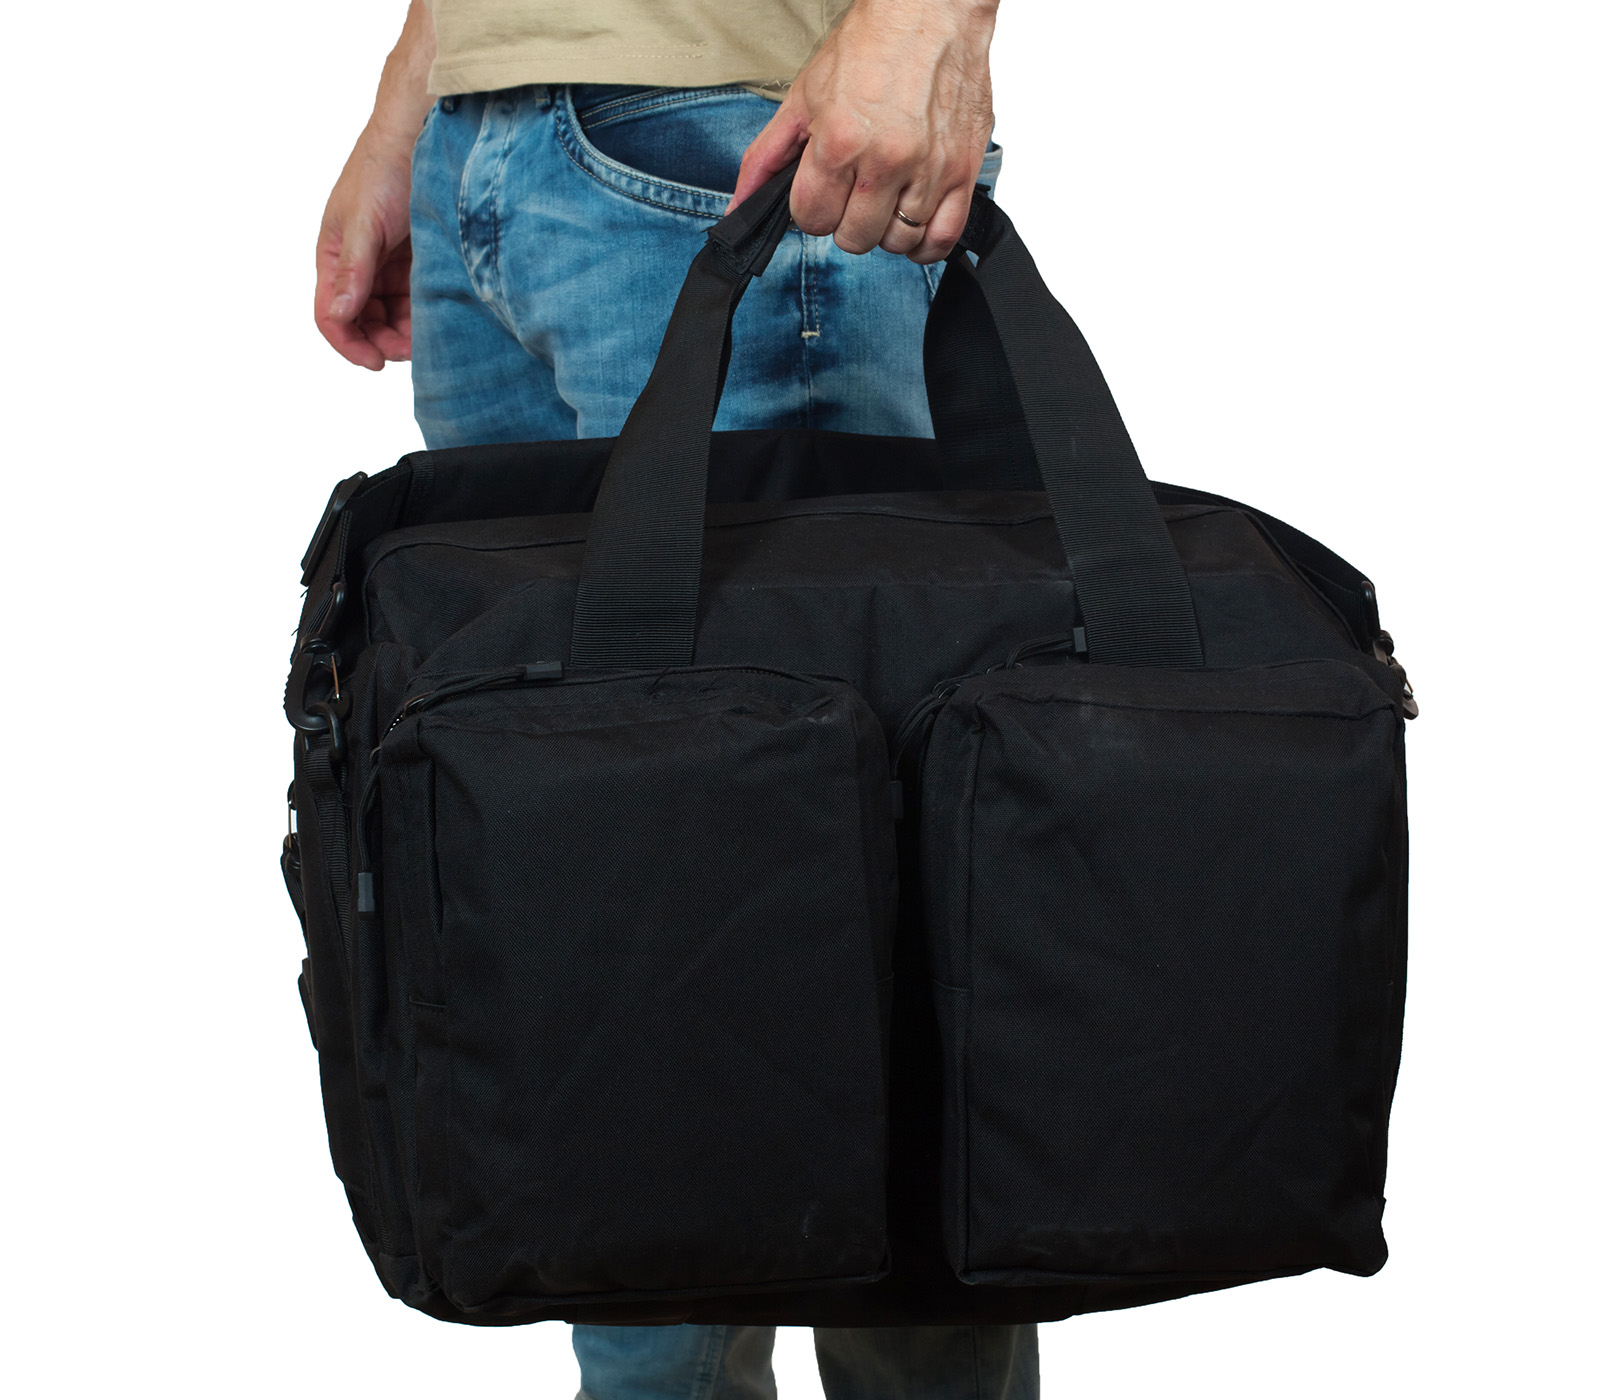 Черная дорожная сумка-рюкзак Эх, хвост, чешуя - купить с доставкой